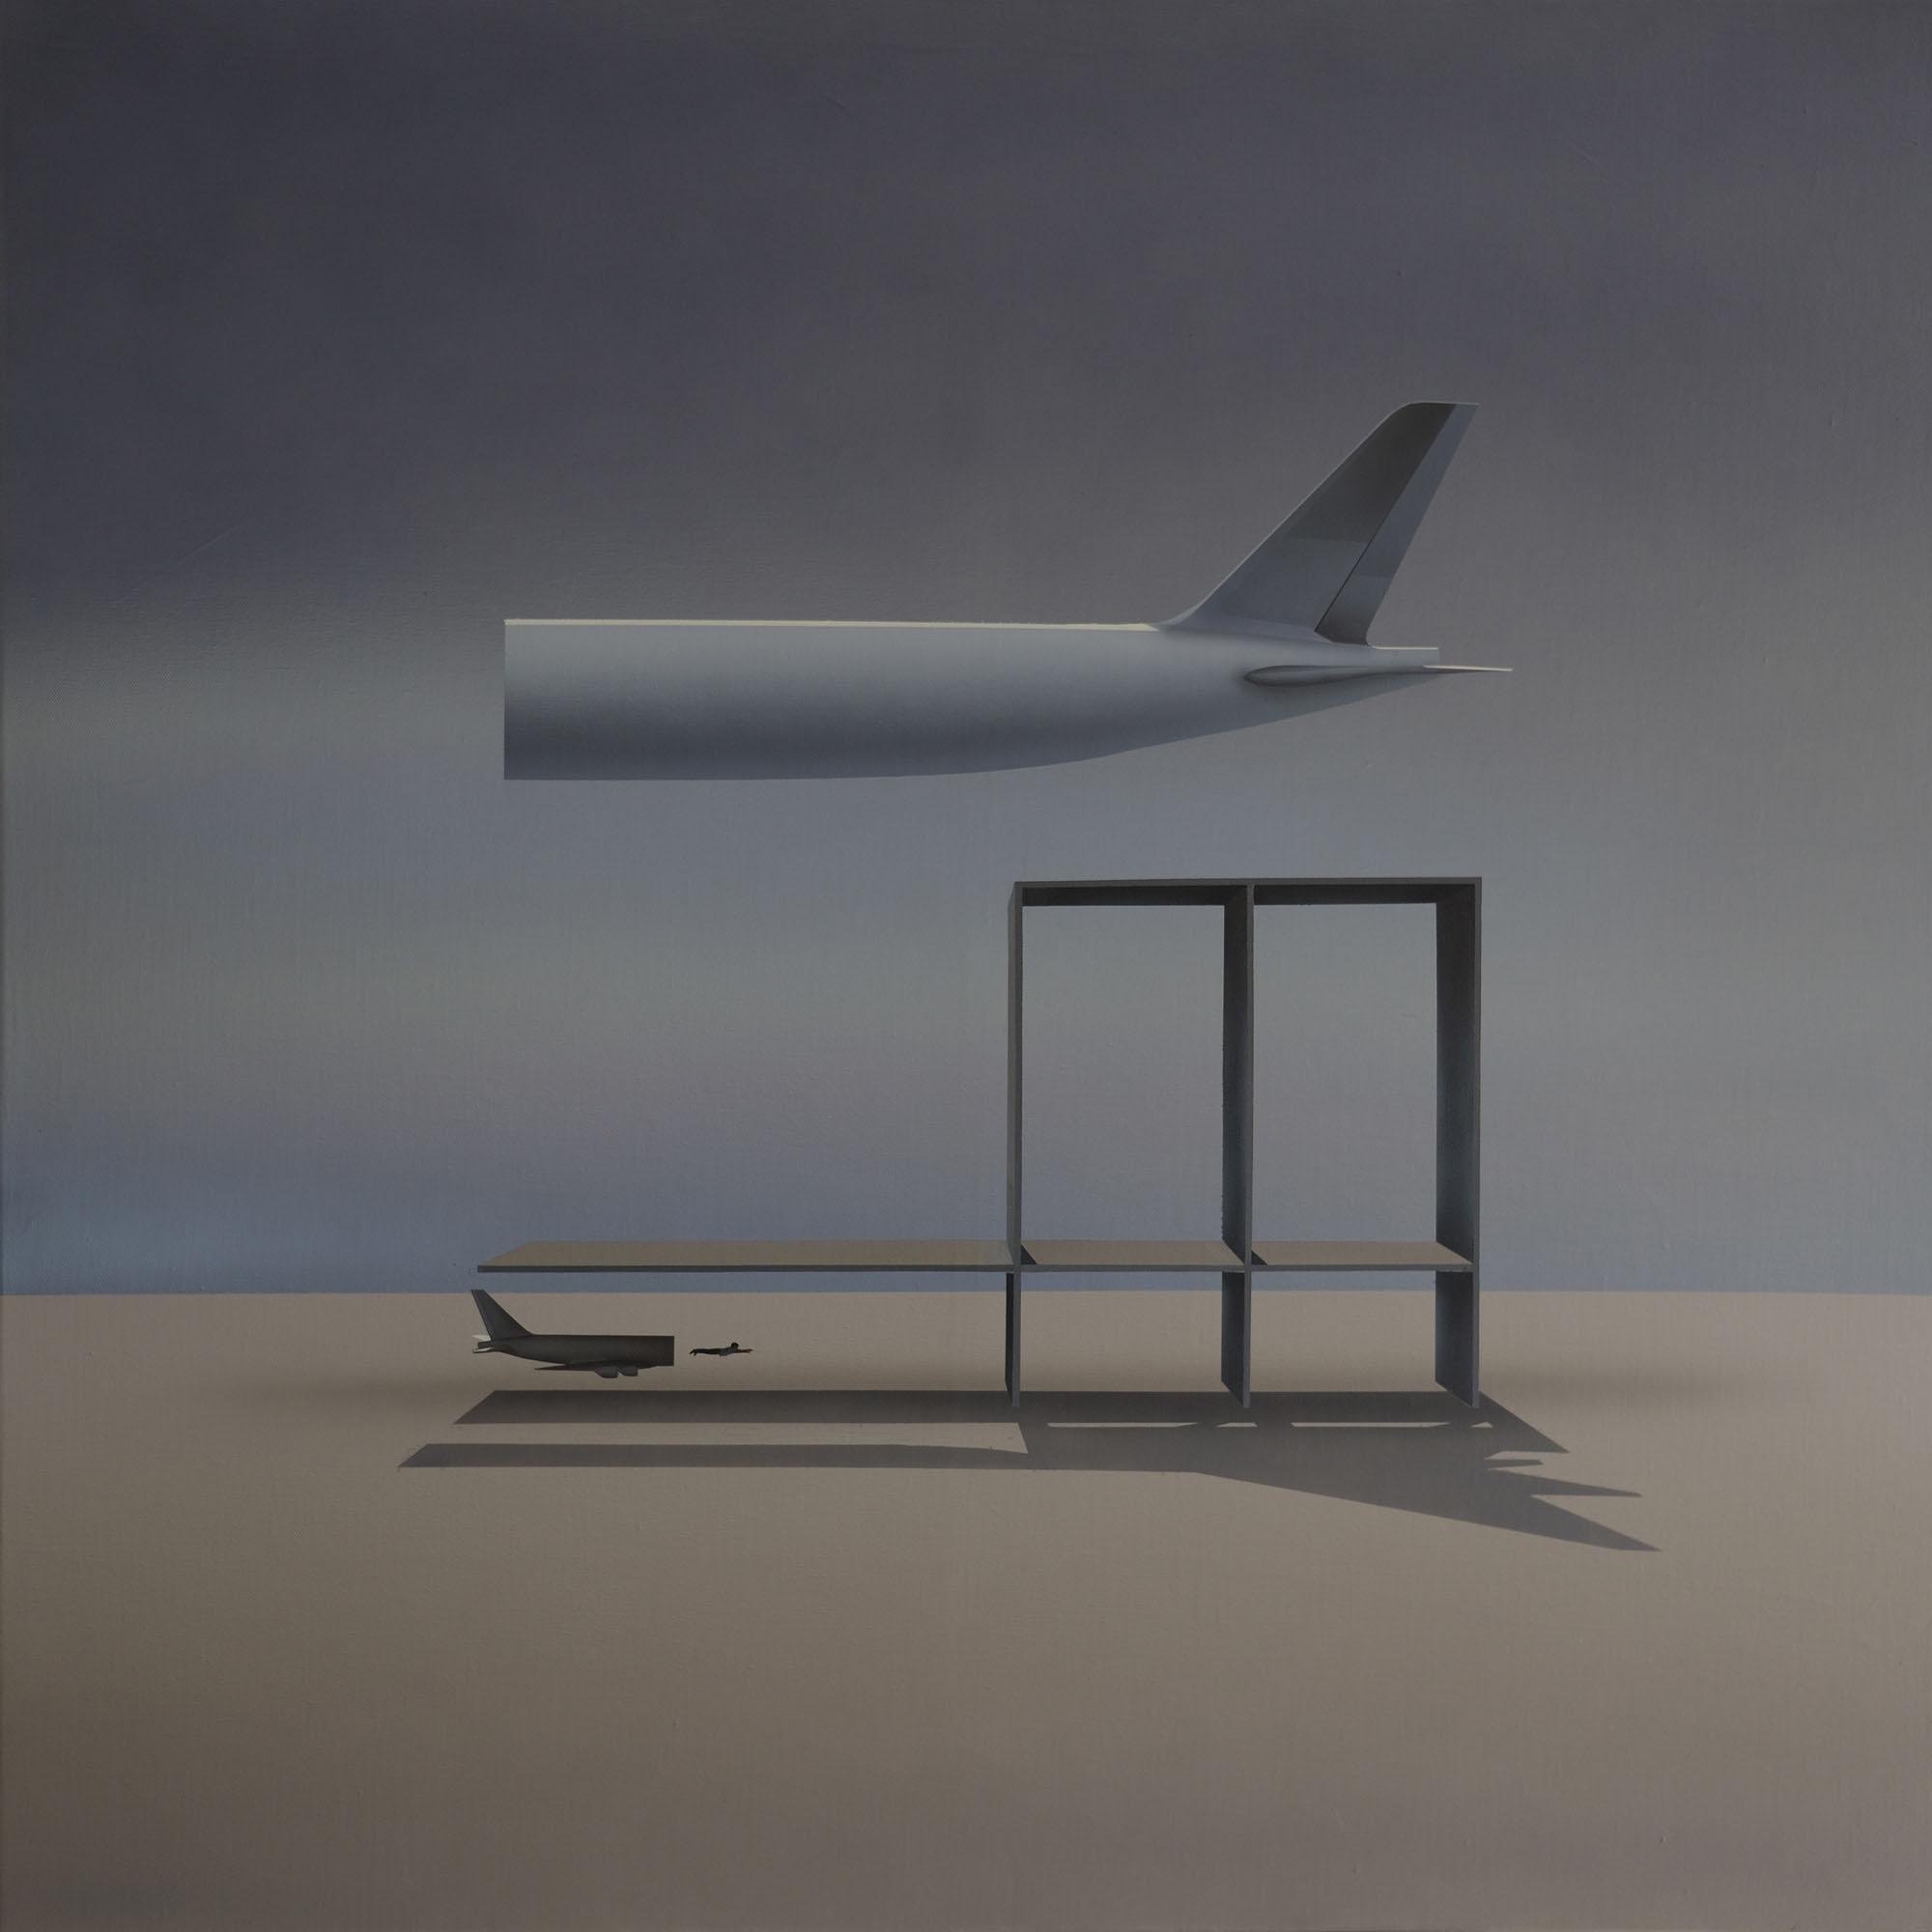 """<a href=""""https://howardgriffinprints.com/artists/mehdi-ghadyanloo/"""">Mehdi Ghadyanloo</a> / <a href=""""https://howardgriffinprints.com/print/mehdi-ghadyanloo/inside-of-doubt//""""><em>Inside Of Doubt</em></a>"""